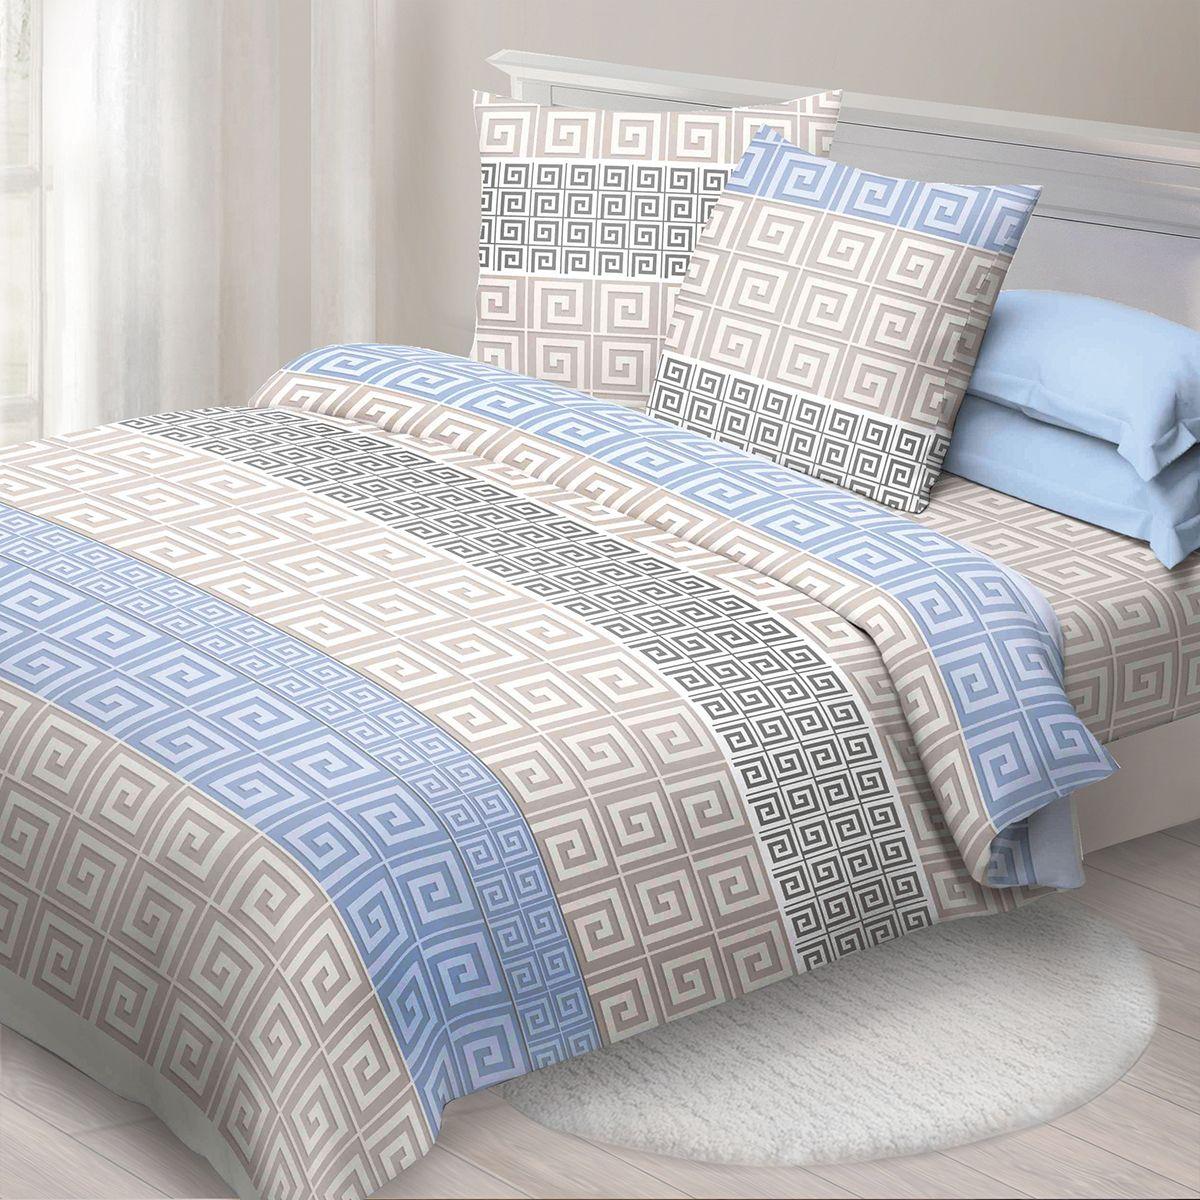 Комплект белья Спал Спалыч Меандр, 2-спальное, наволочки 70x70, цвет: голубой91328Спал Спалыч - недорогое, но качественное постельное белье из белорусской бязи. Актуальные дизайны, авторская упаковка в сочетании с качественными материалами и приемлемой ценой - залог успеха Спал Спалыча! В ассортименте широкая линейка домашнего текстиля для всей семьи - современные дизайны современному покупателю! Ткань обработана по технологии PERFECT WAY - благодаря чему, она становится более гладкой и шелковистой. • Бязь Барановичи 100% хлопок • Плотность ткани - 125 гр/кв.м.